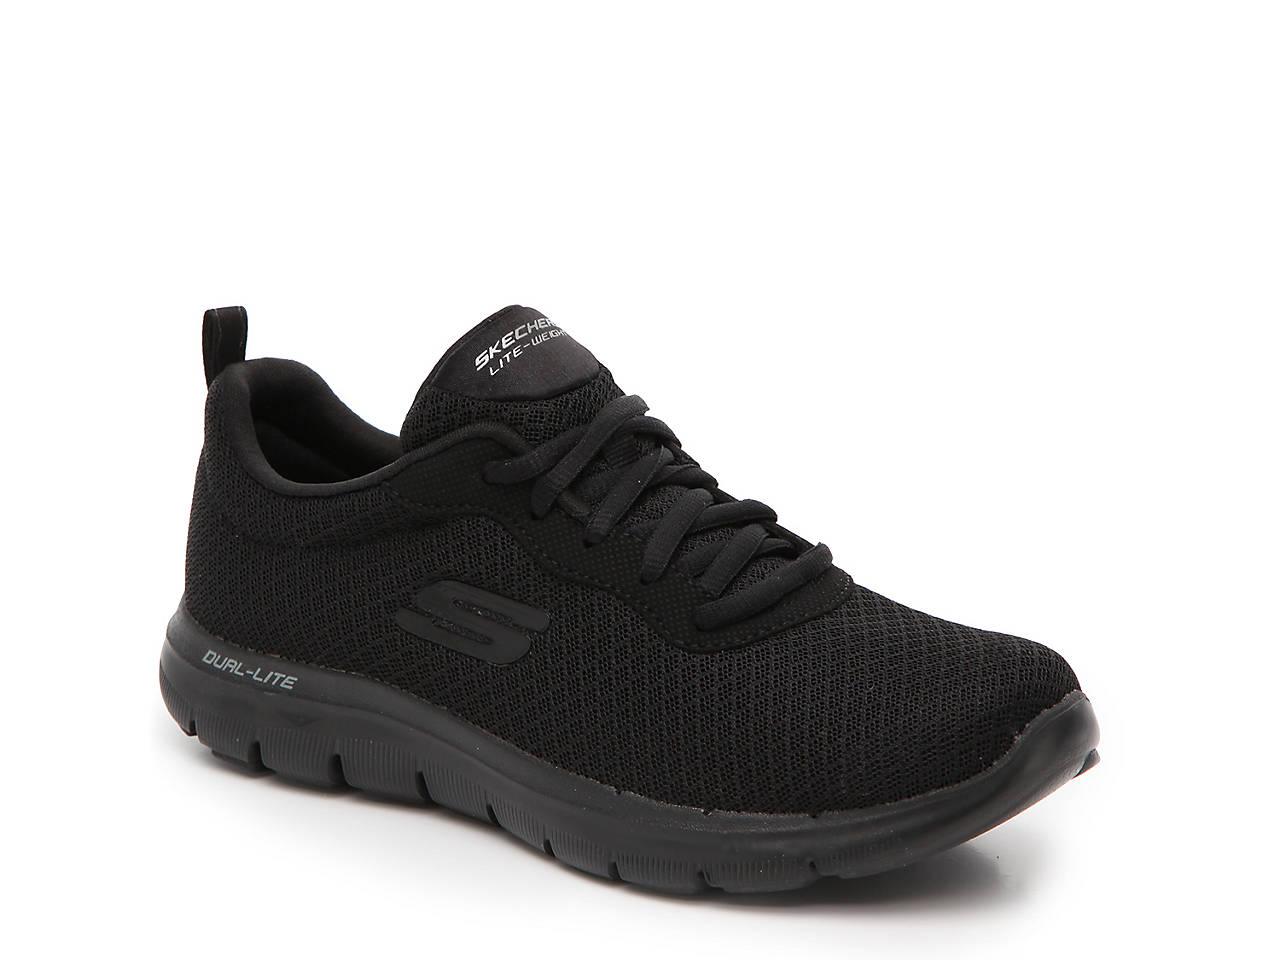 ac493d5b19dca Skechers Flex Appeal 2.0 Sneaker - Women's Women's Shoes | DSW